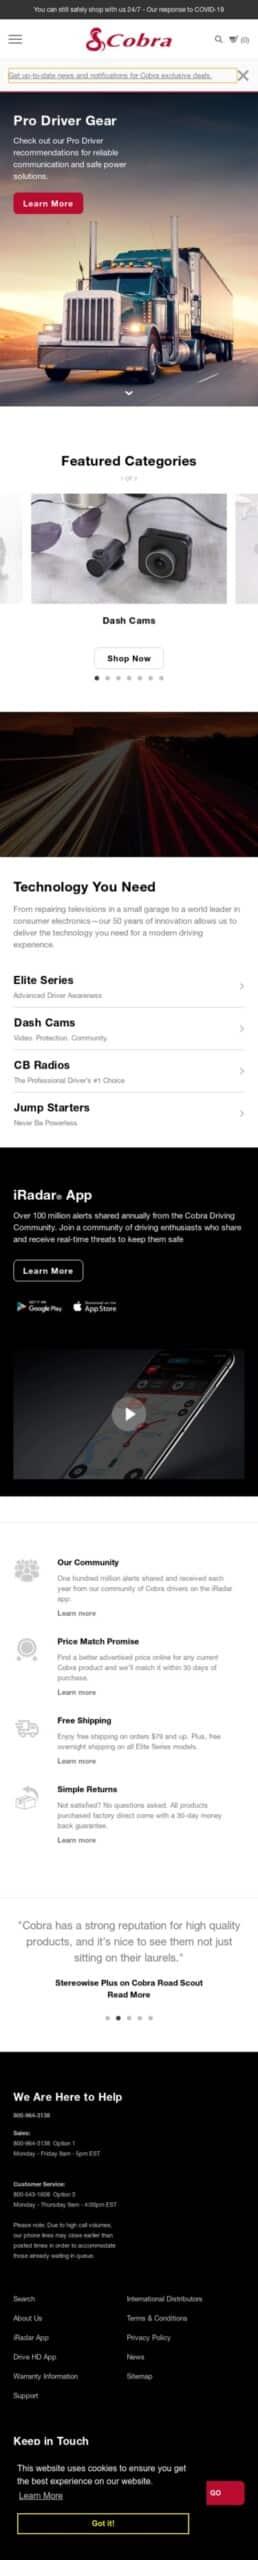 cobra.com Coupon